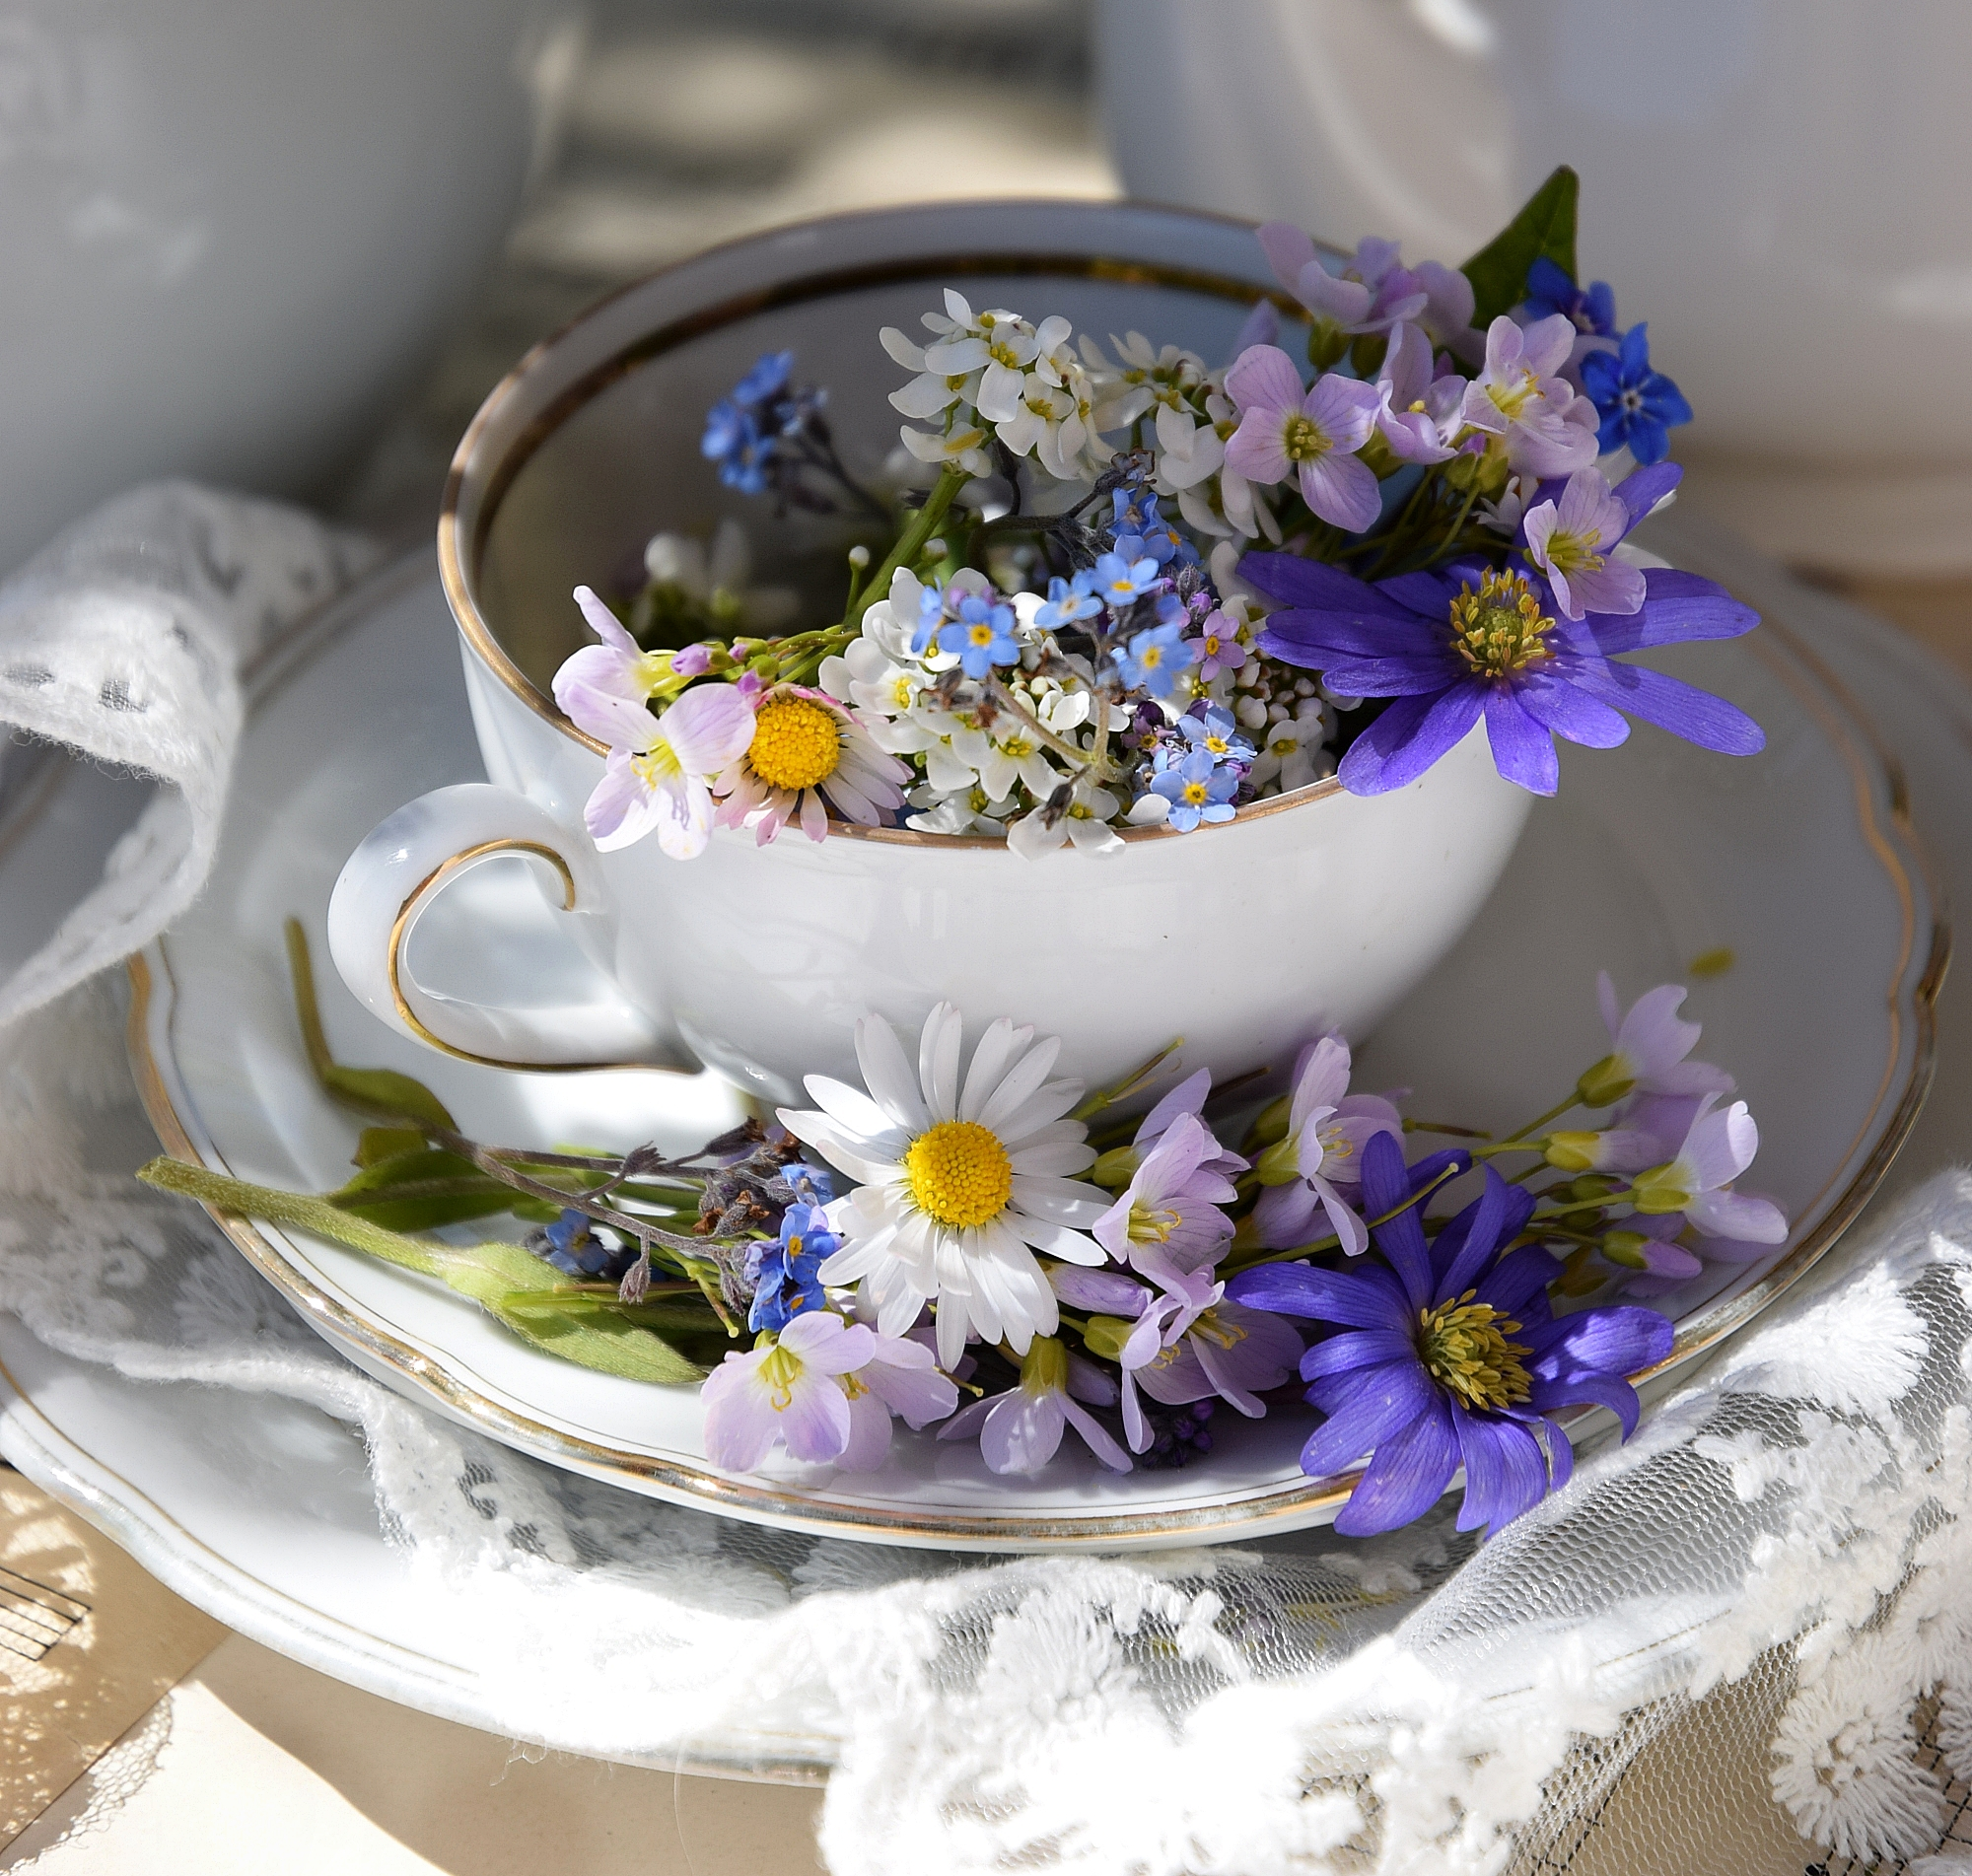 Edles-Porzellan-als-romantischer-Begleiter-für-Blumen 5k